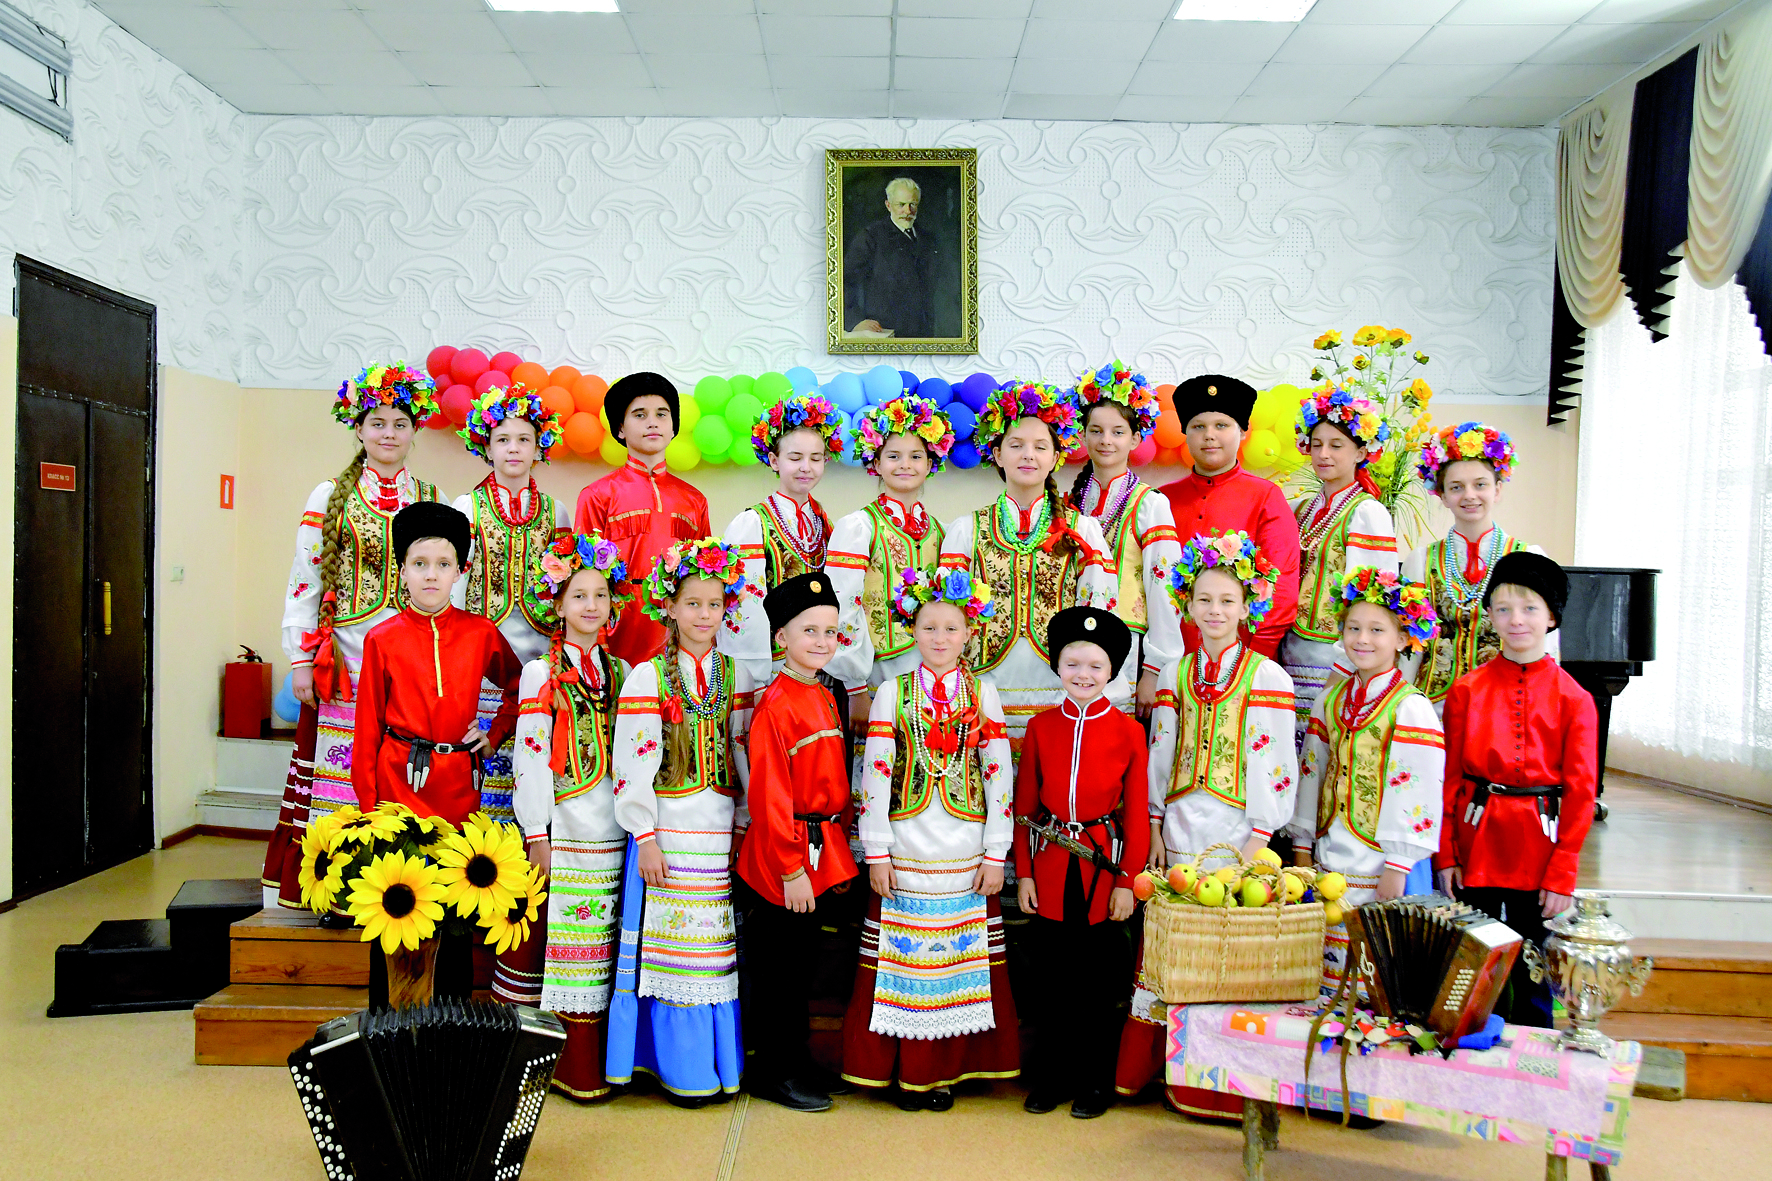 У юных музыкантов Новороссийска — Гран-при фестиваля детских фольклорных коллективов